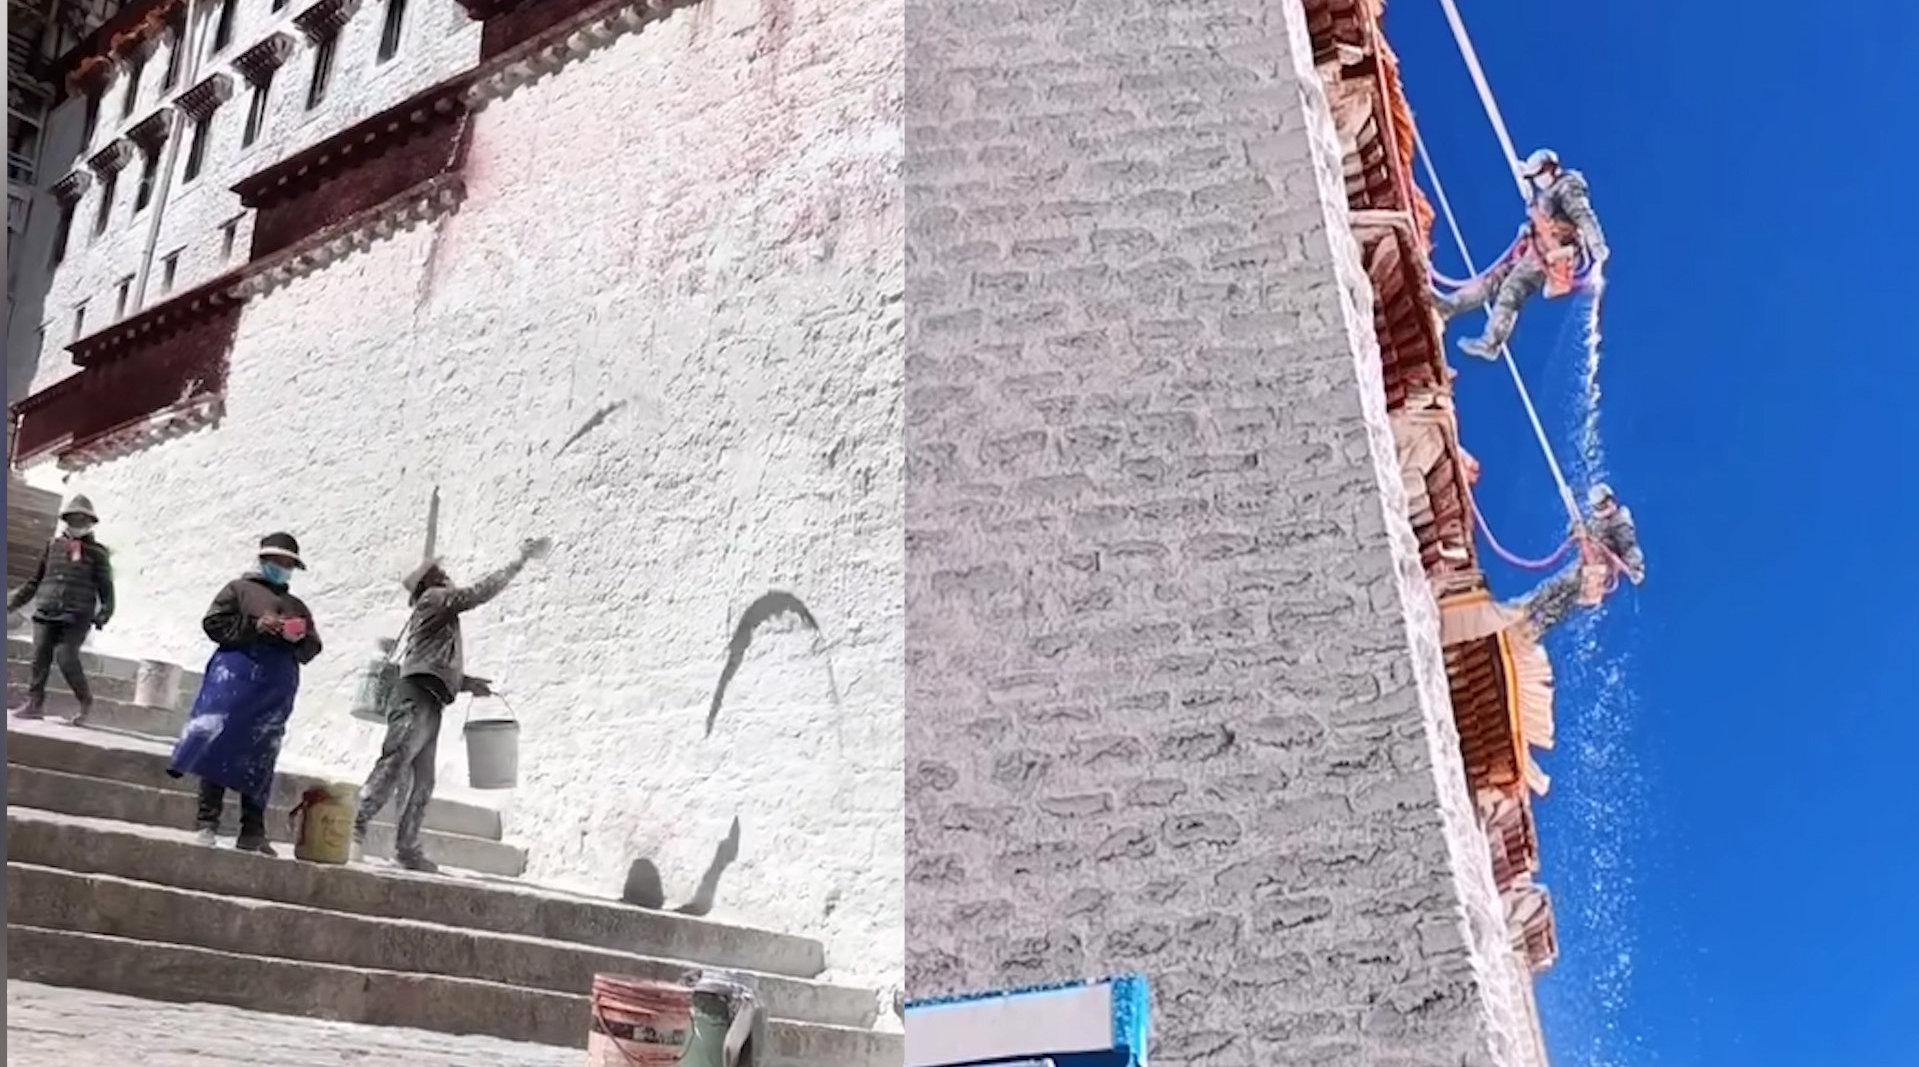 布达拉宫的墙是甜的!网友偶遇泼甜墙发现原料竟是牛奶和白糖